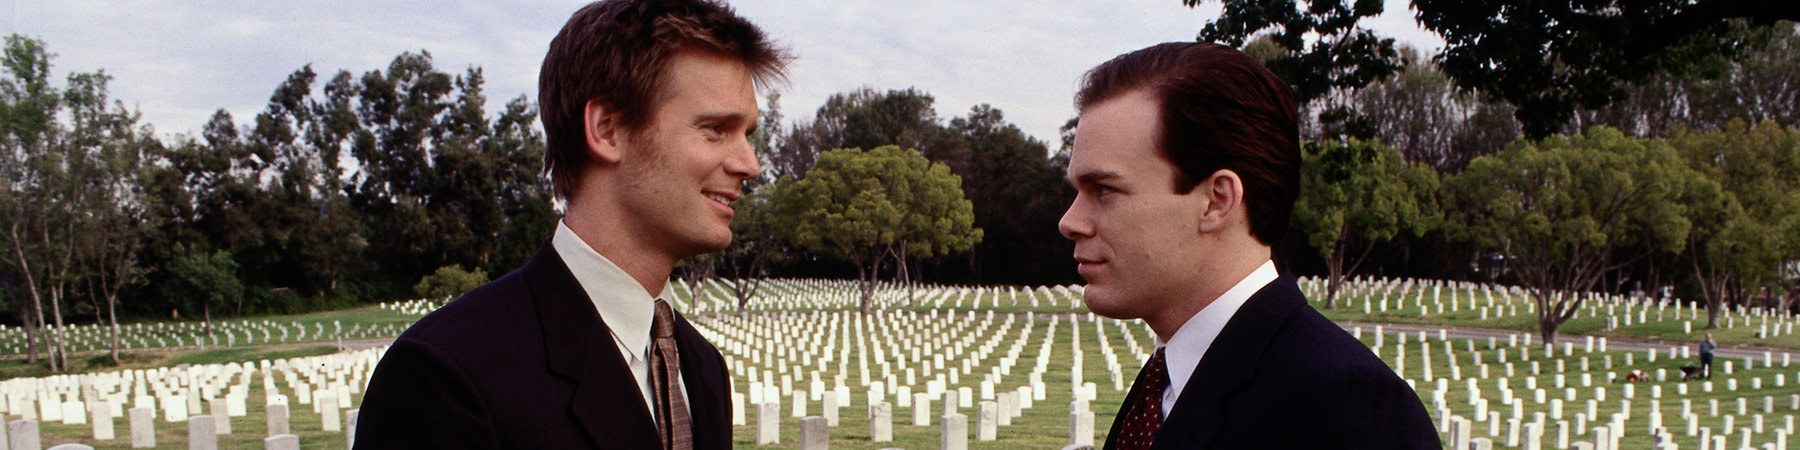 2001: SIX FEET UNDER, zwei Brüder schmeissen mehr oder weniger gemeinsam ein Bestattungsinstitut. Das führt zu vielen absurden Situationen mit Leichen in allen erdenklichen Momenten.